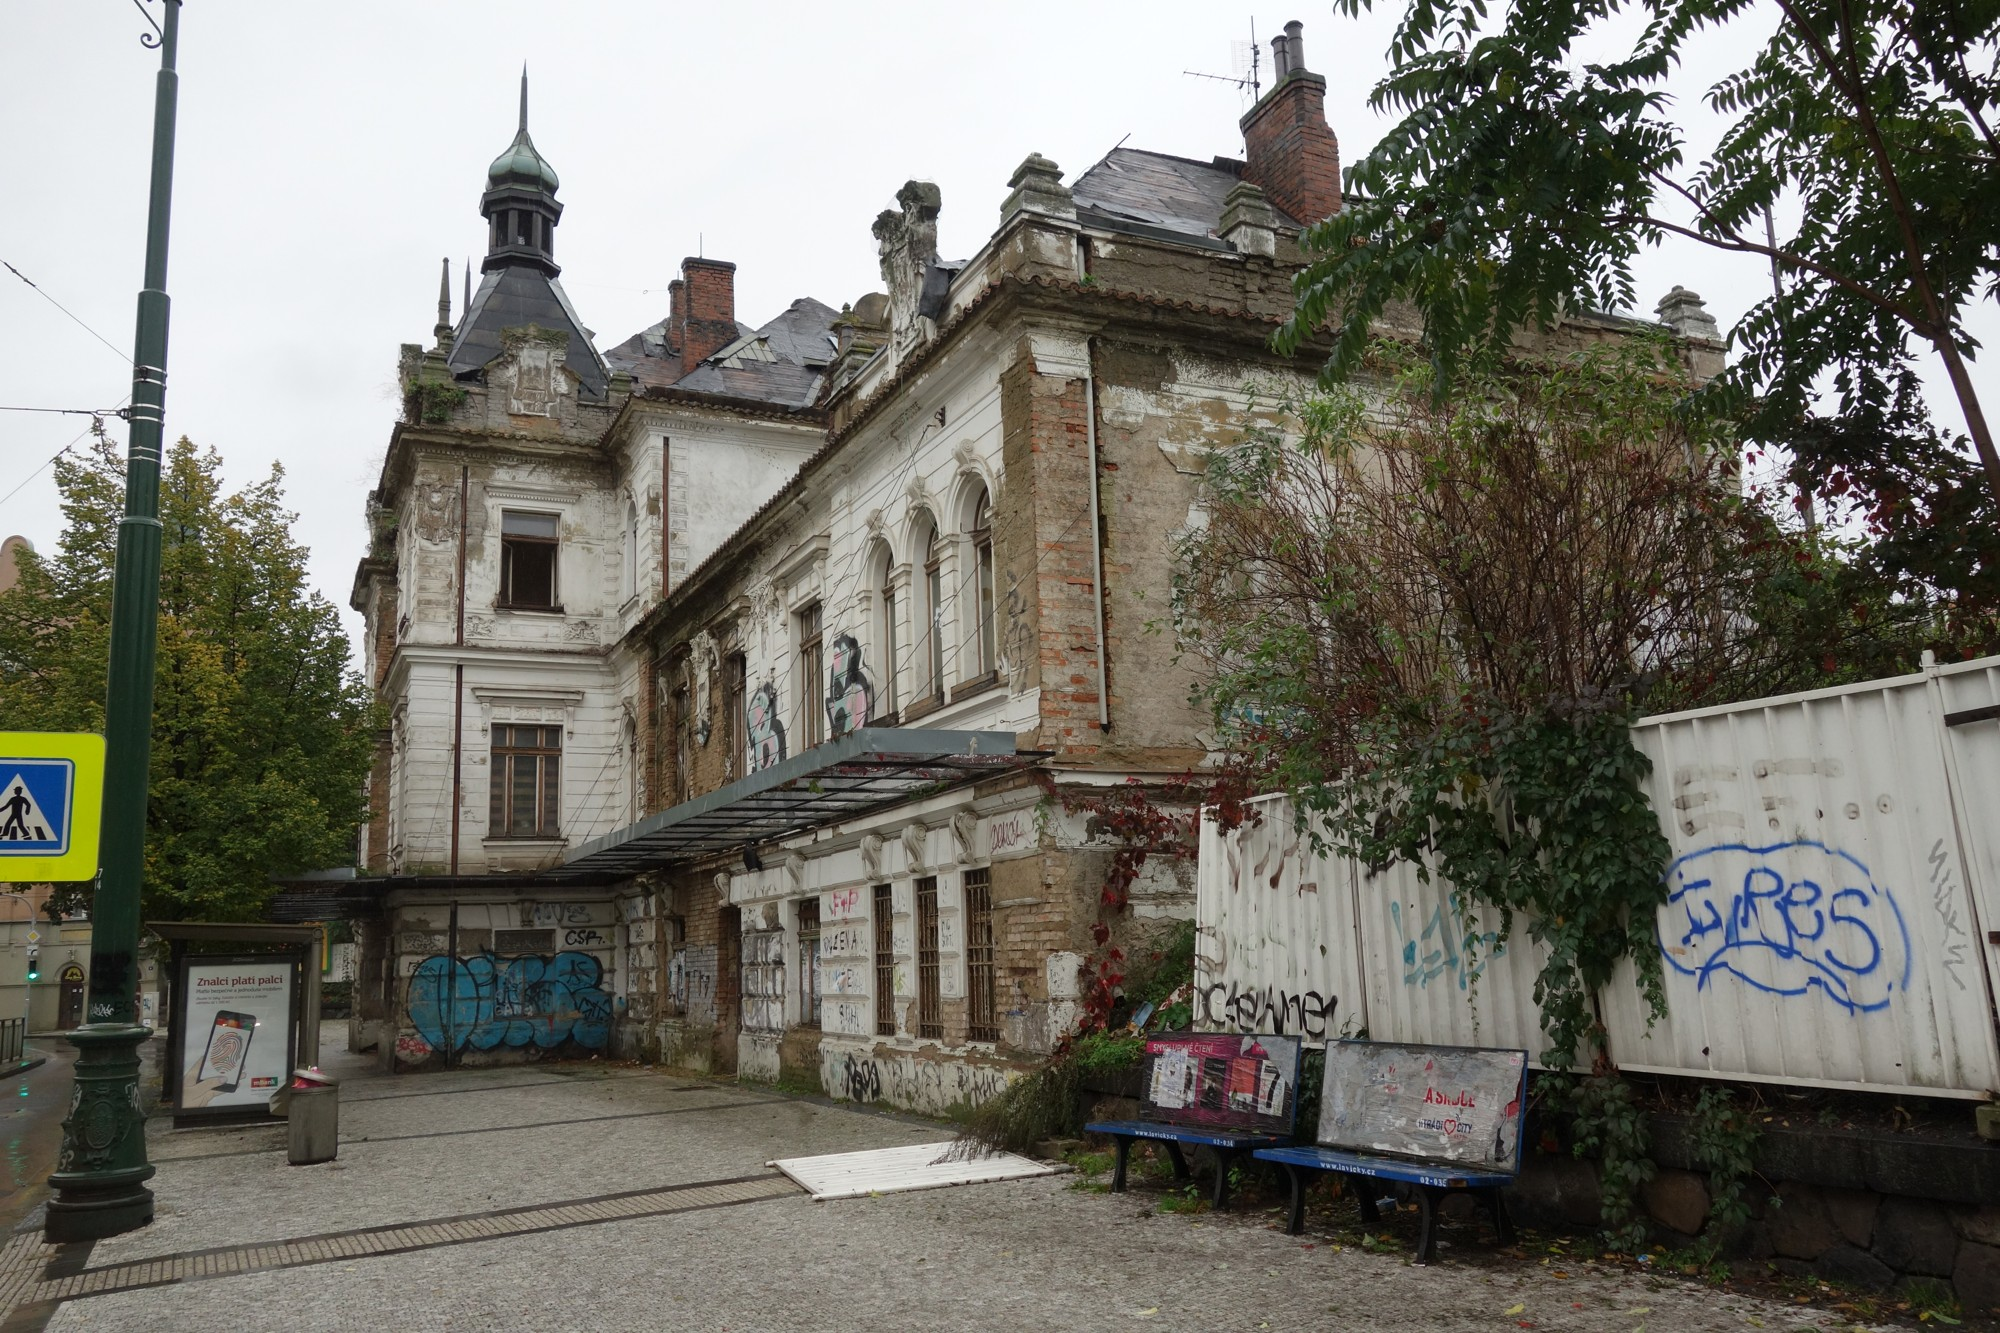 iDnes.cz: Nádraží Vyšehrad dochází čas, střecha se začala propadat a dovnitř zatéká